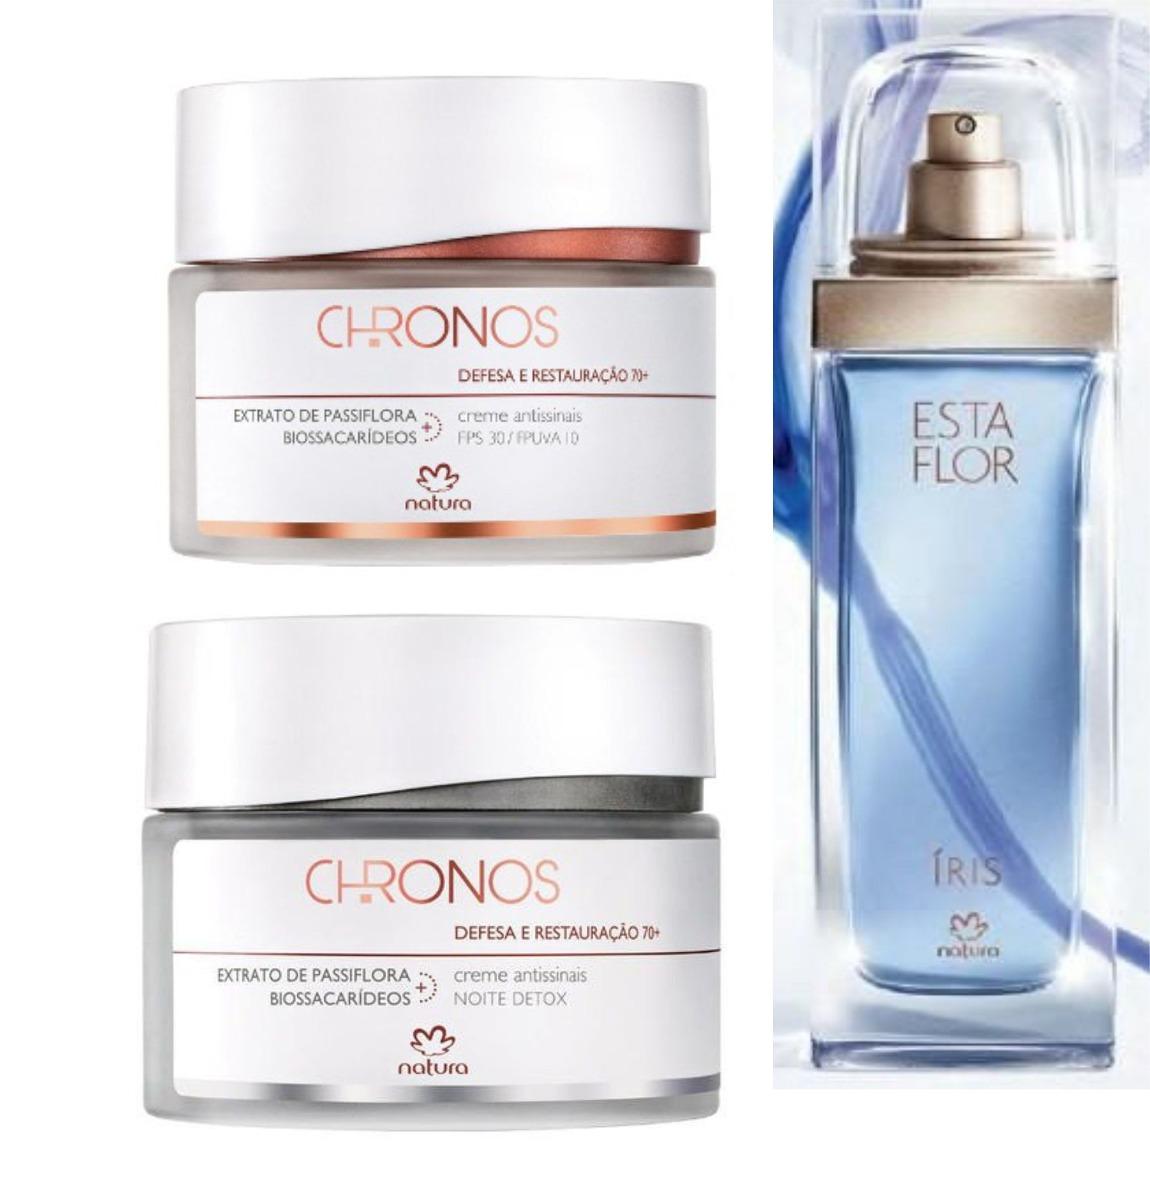 758982e0092 Natura Chronos 70+ Dia E Noite + Perfume Esta Flor Iris - R  189